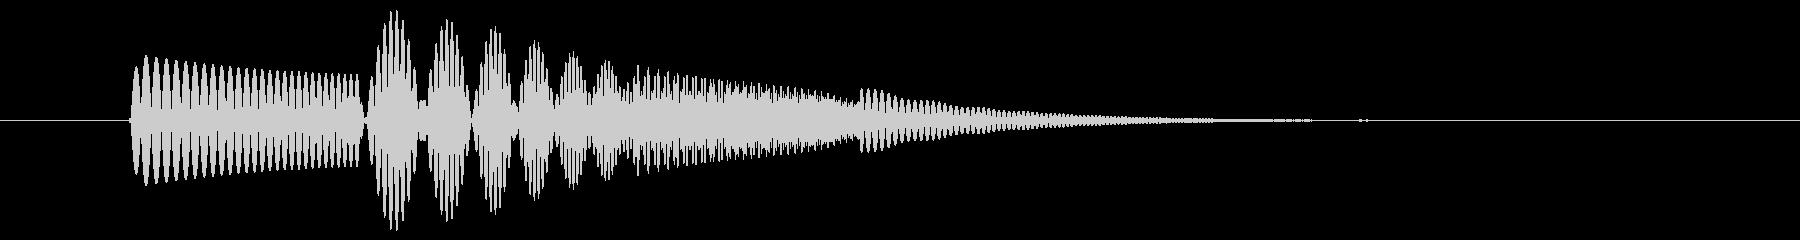 モワ②(泡が浮かぶ・スワイプ・テロップ)の未再生の波形